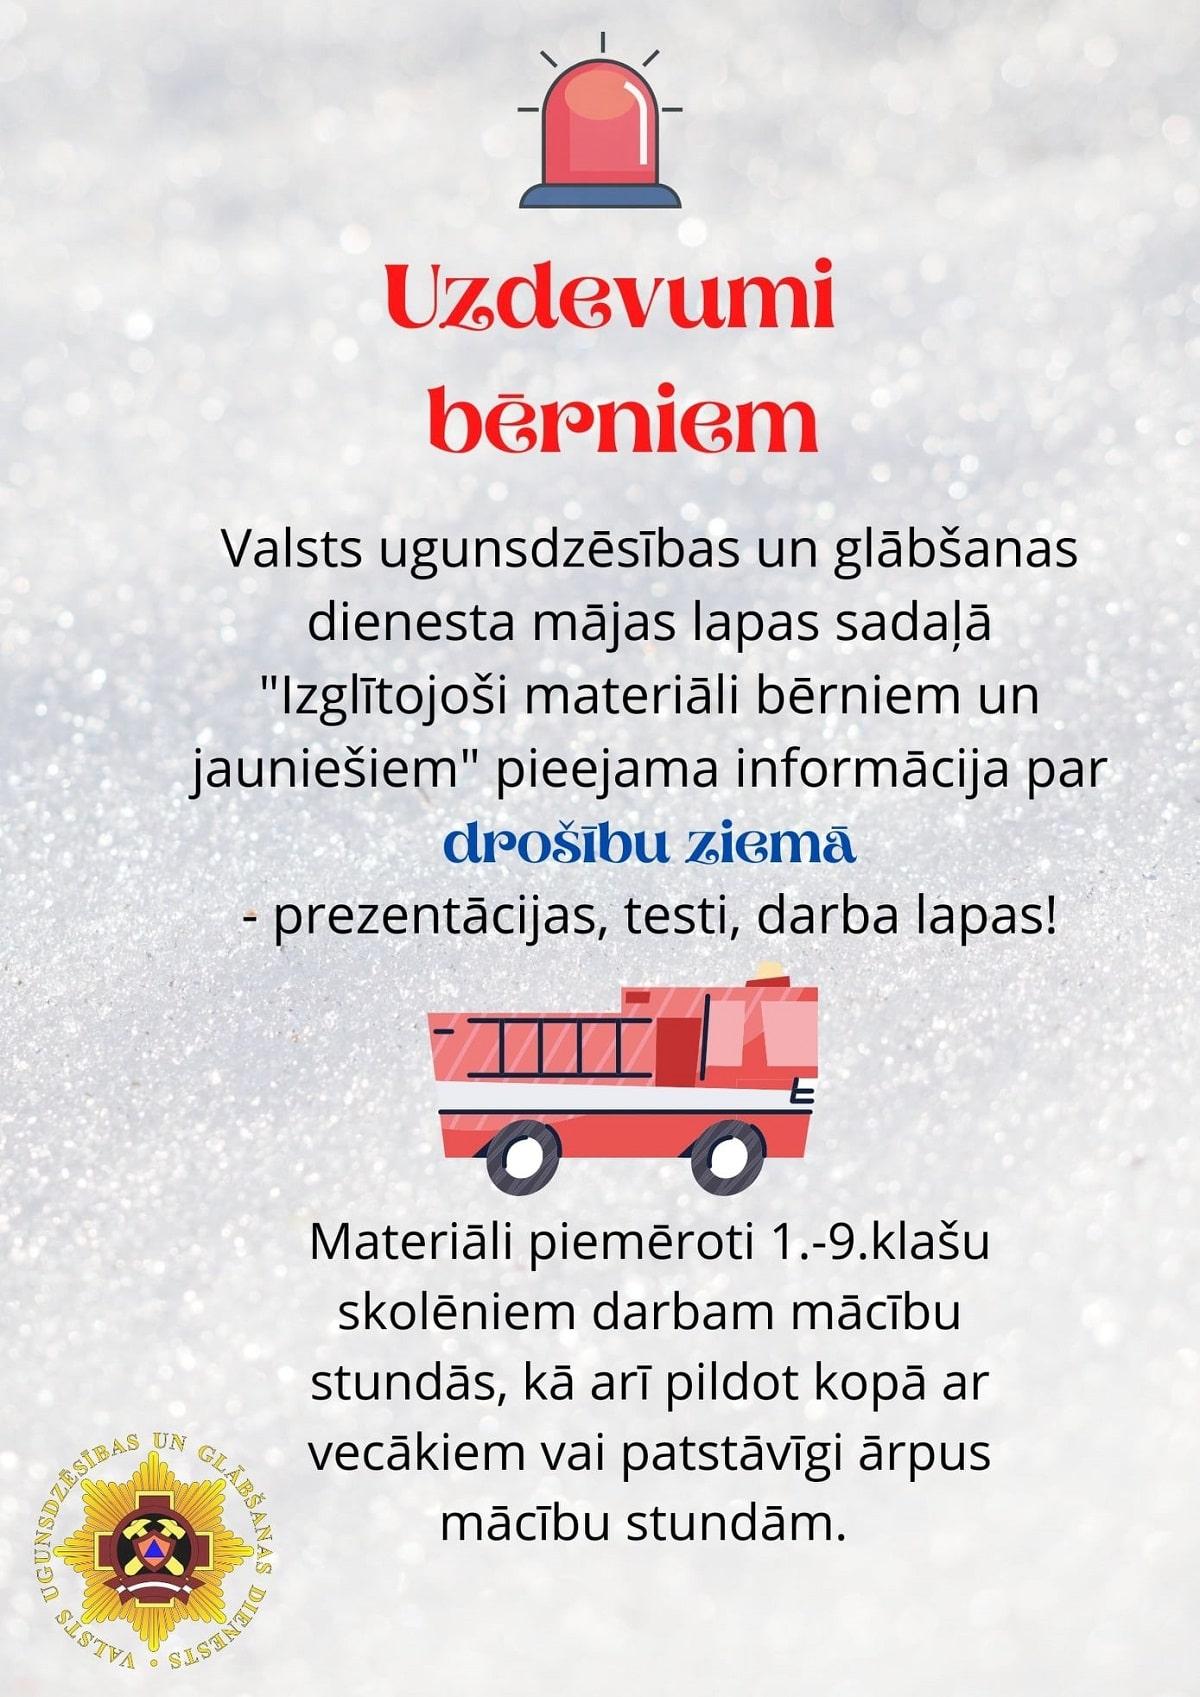 Sagatavoti izglītojoši materiāli bērniem un jauniešiem par drošību ziemā